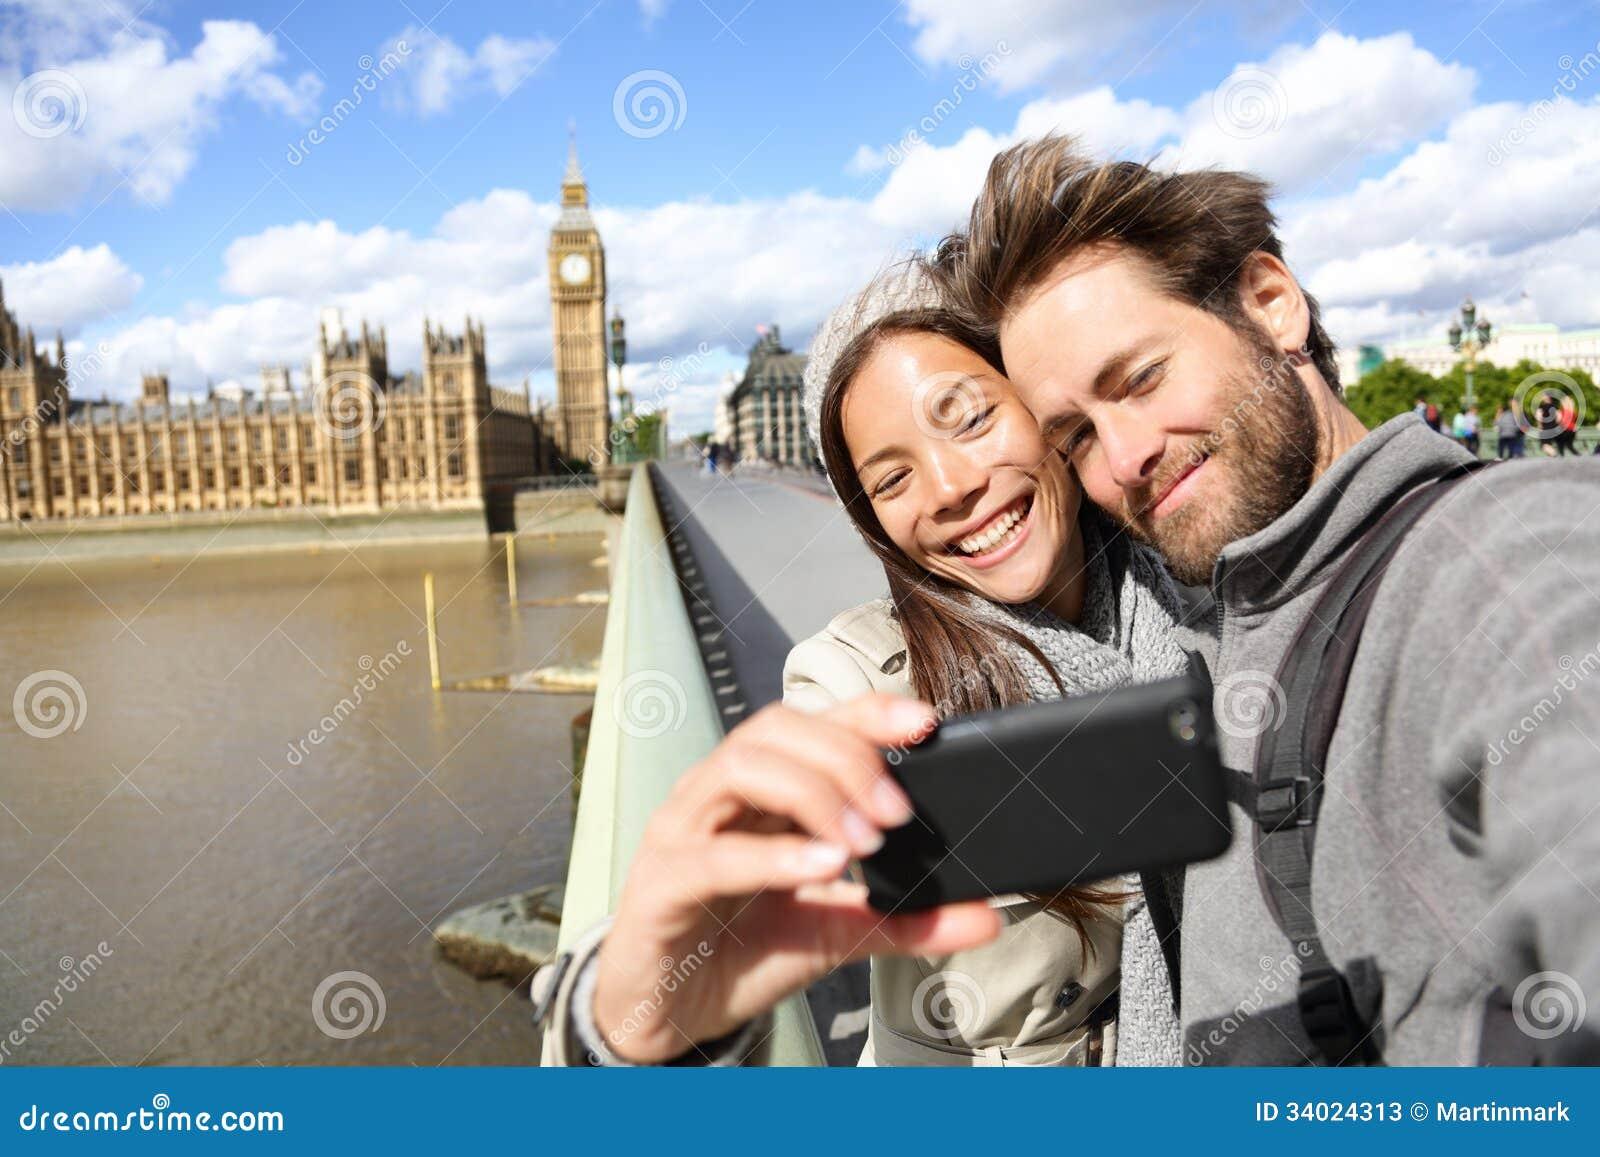 拍照片的伦敦旅游夫妇在大本钟附近